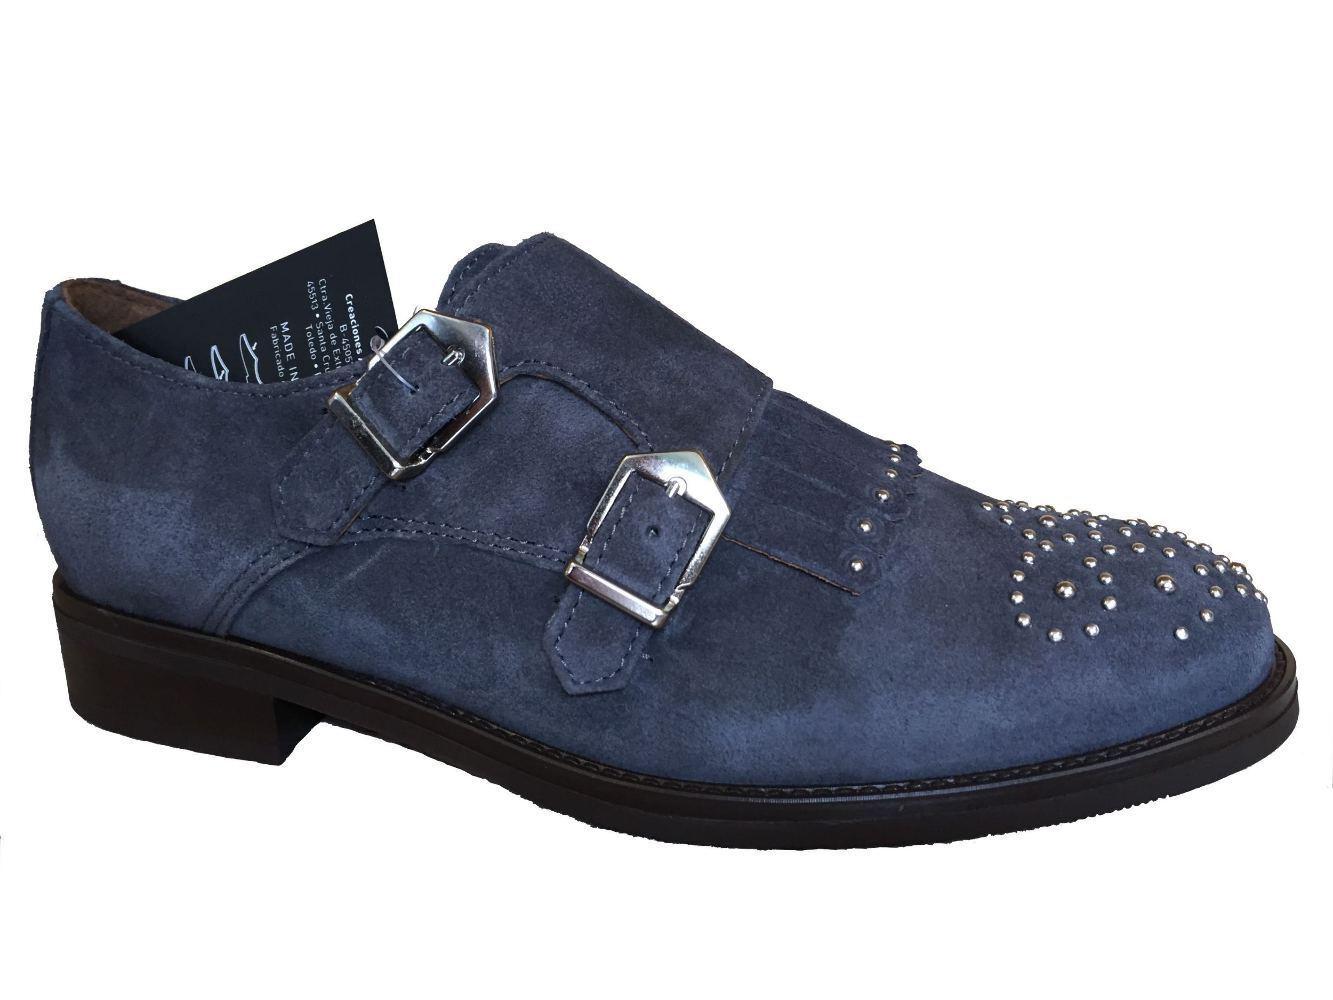 ALPE ALPE ALPE 31551146 DOUBLE MONK STRAP asphalt grigio suede scarpe | Nuovo Prodotto  | Scolaro/Signora Scarpa  4f835f